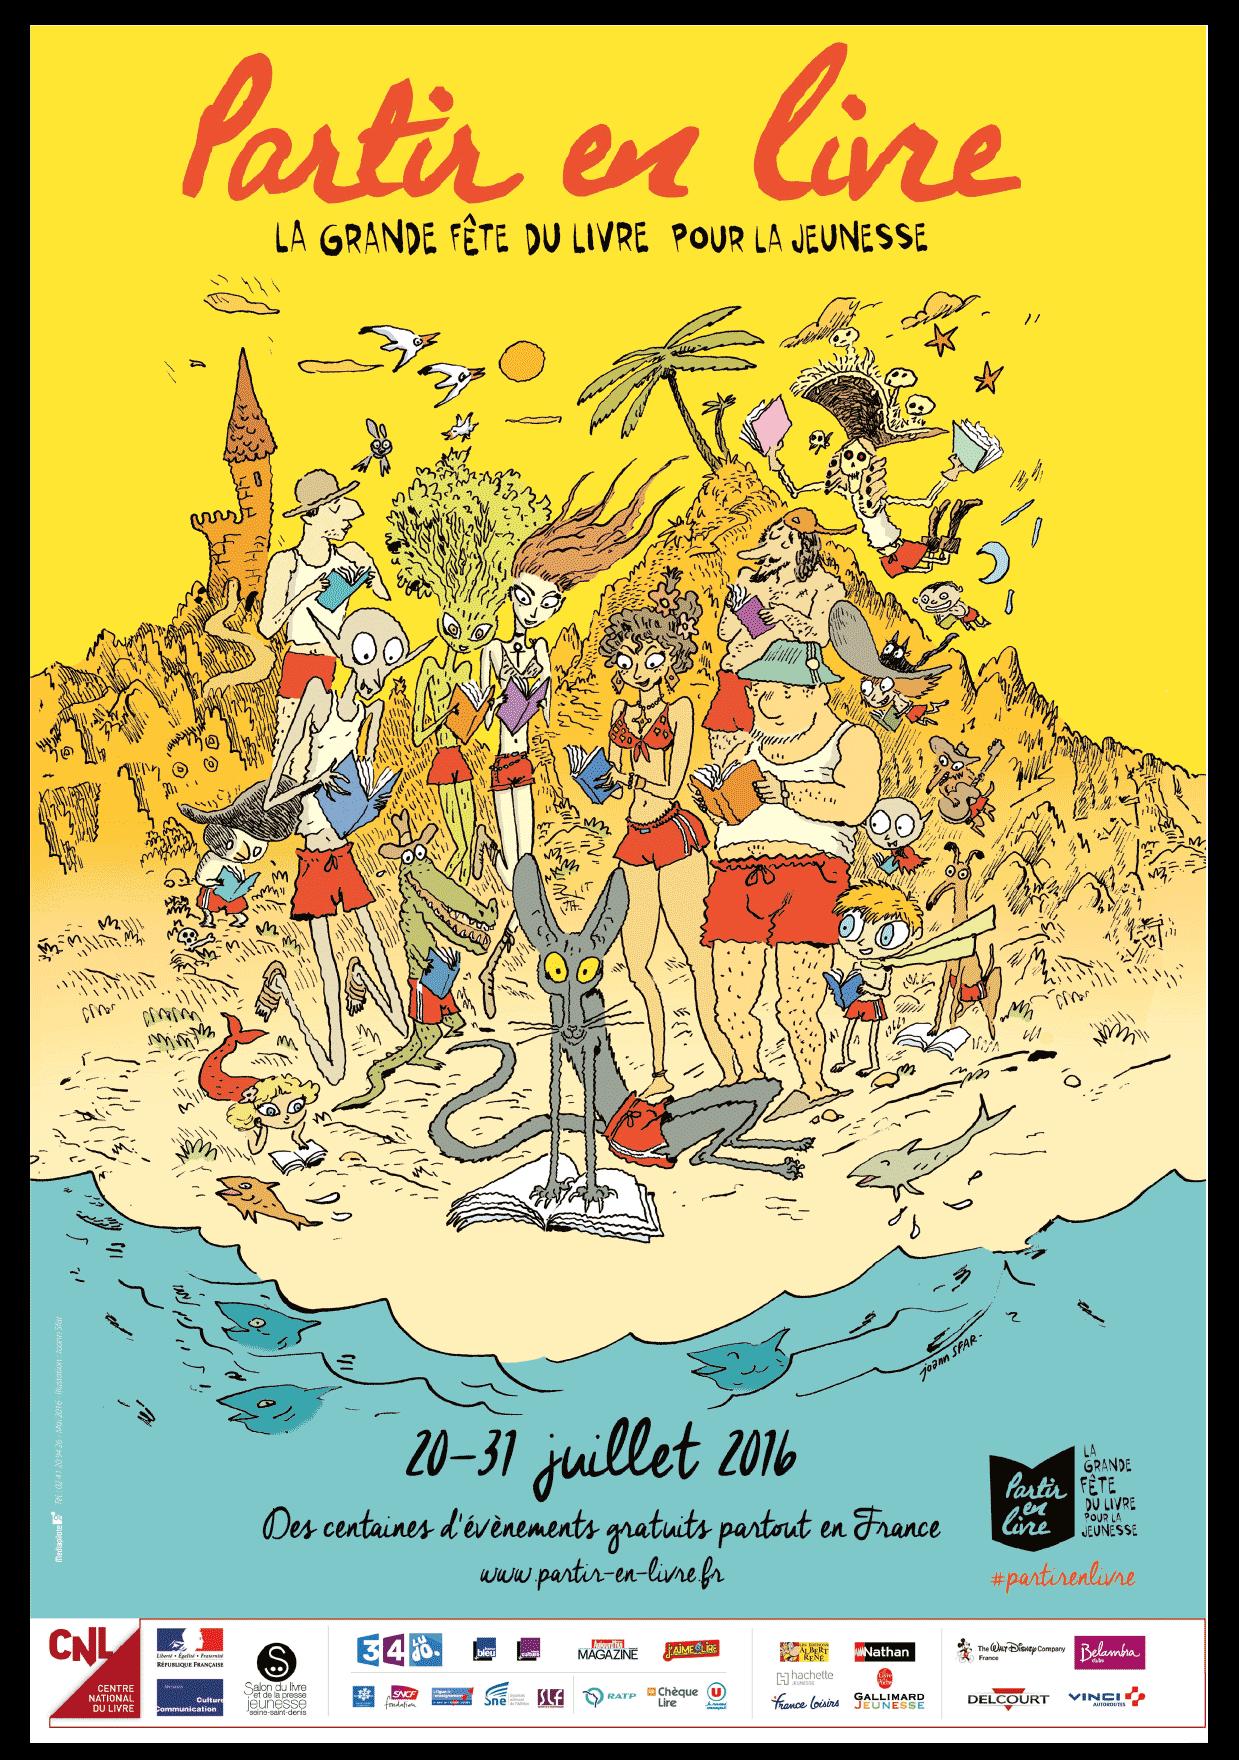 « Partir en livre » c'est du 20 au 31 juillet 2016 et partout en France !